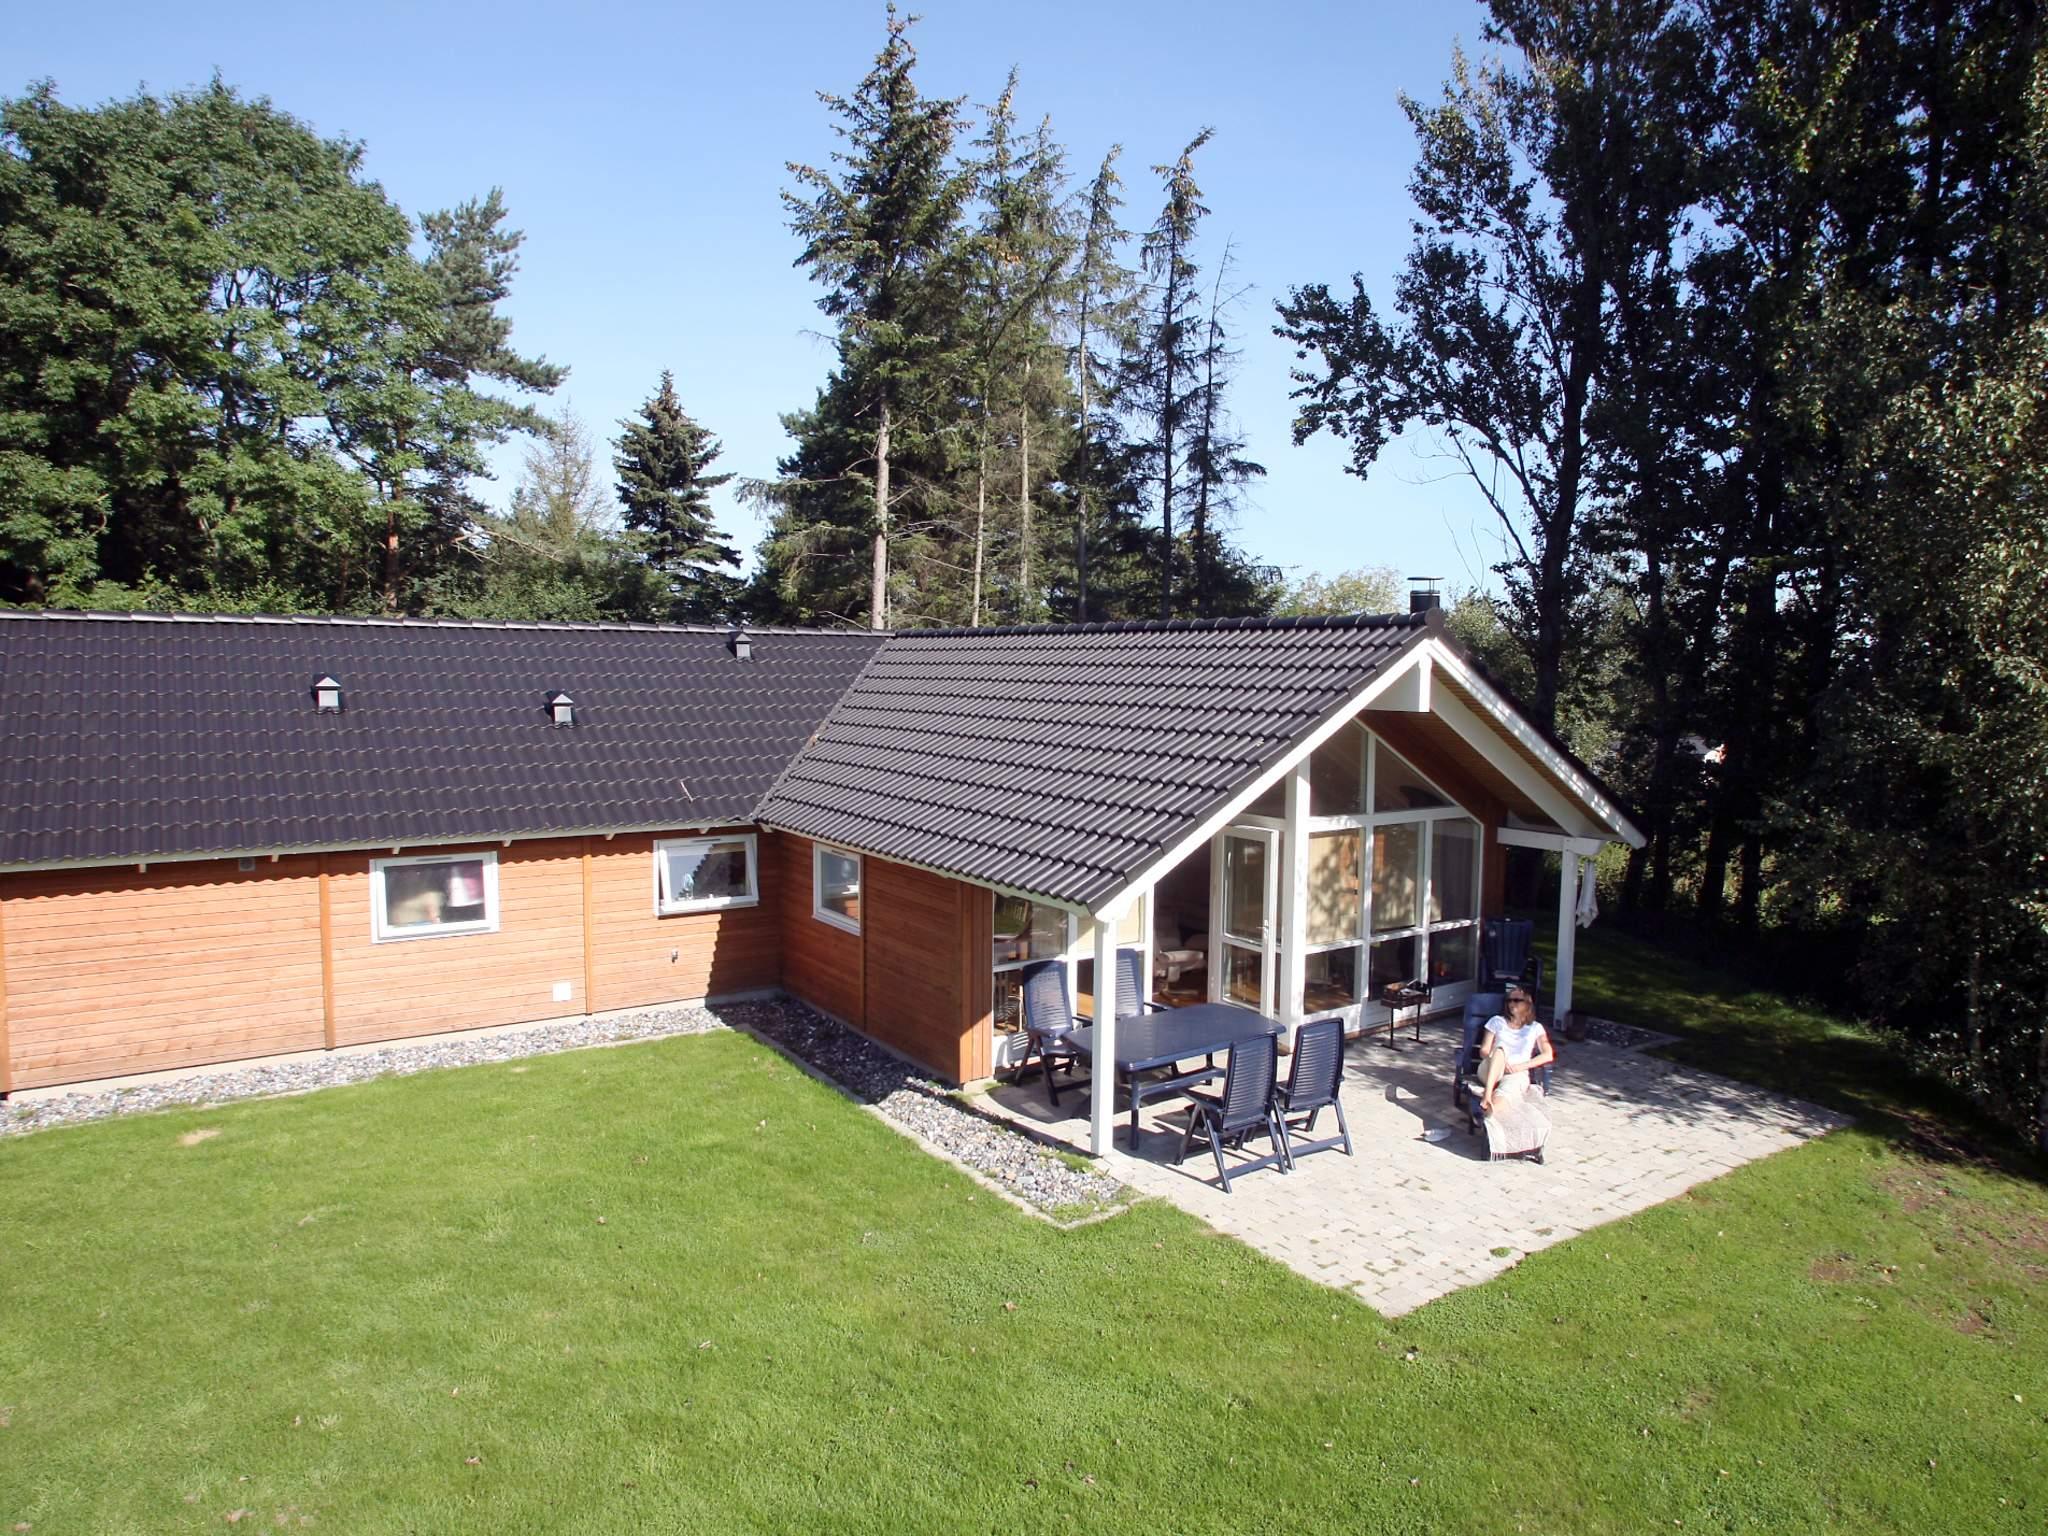 Ferienhaus Veddinge Bakker (216923), Asnæs, , Westseeland, Dänemark, Bild 15